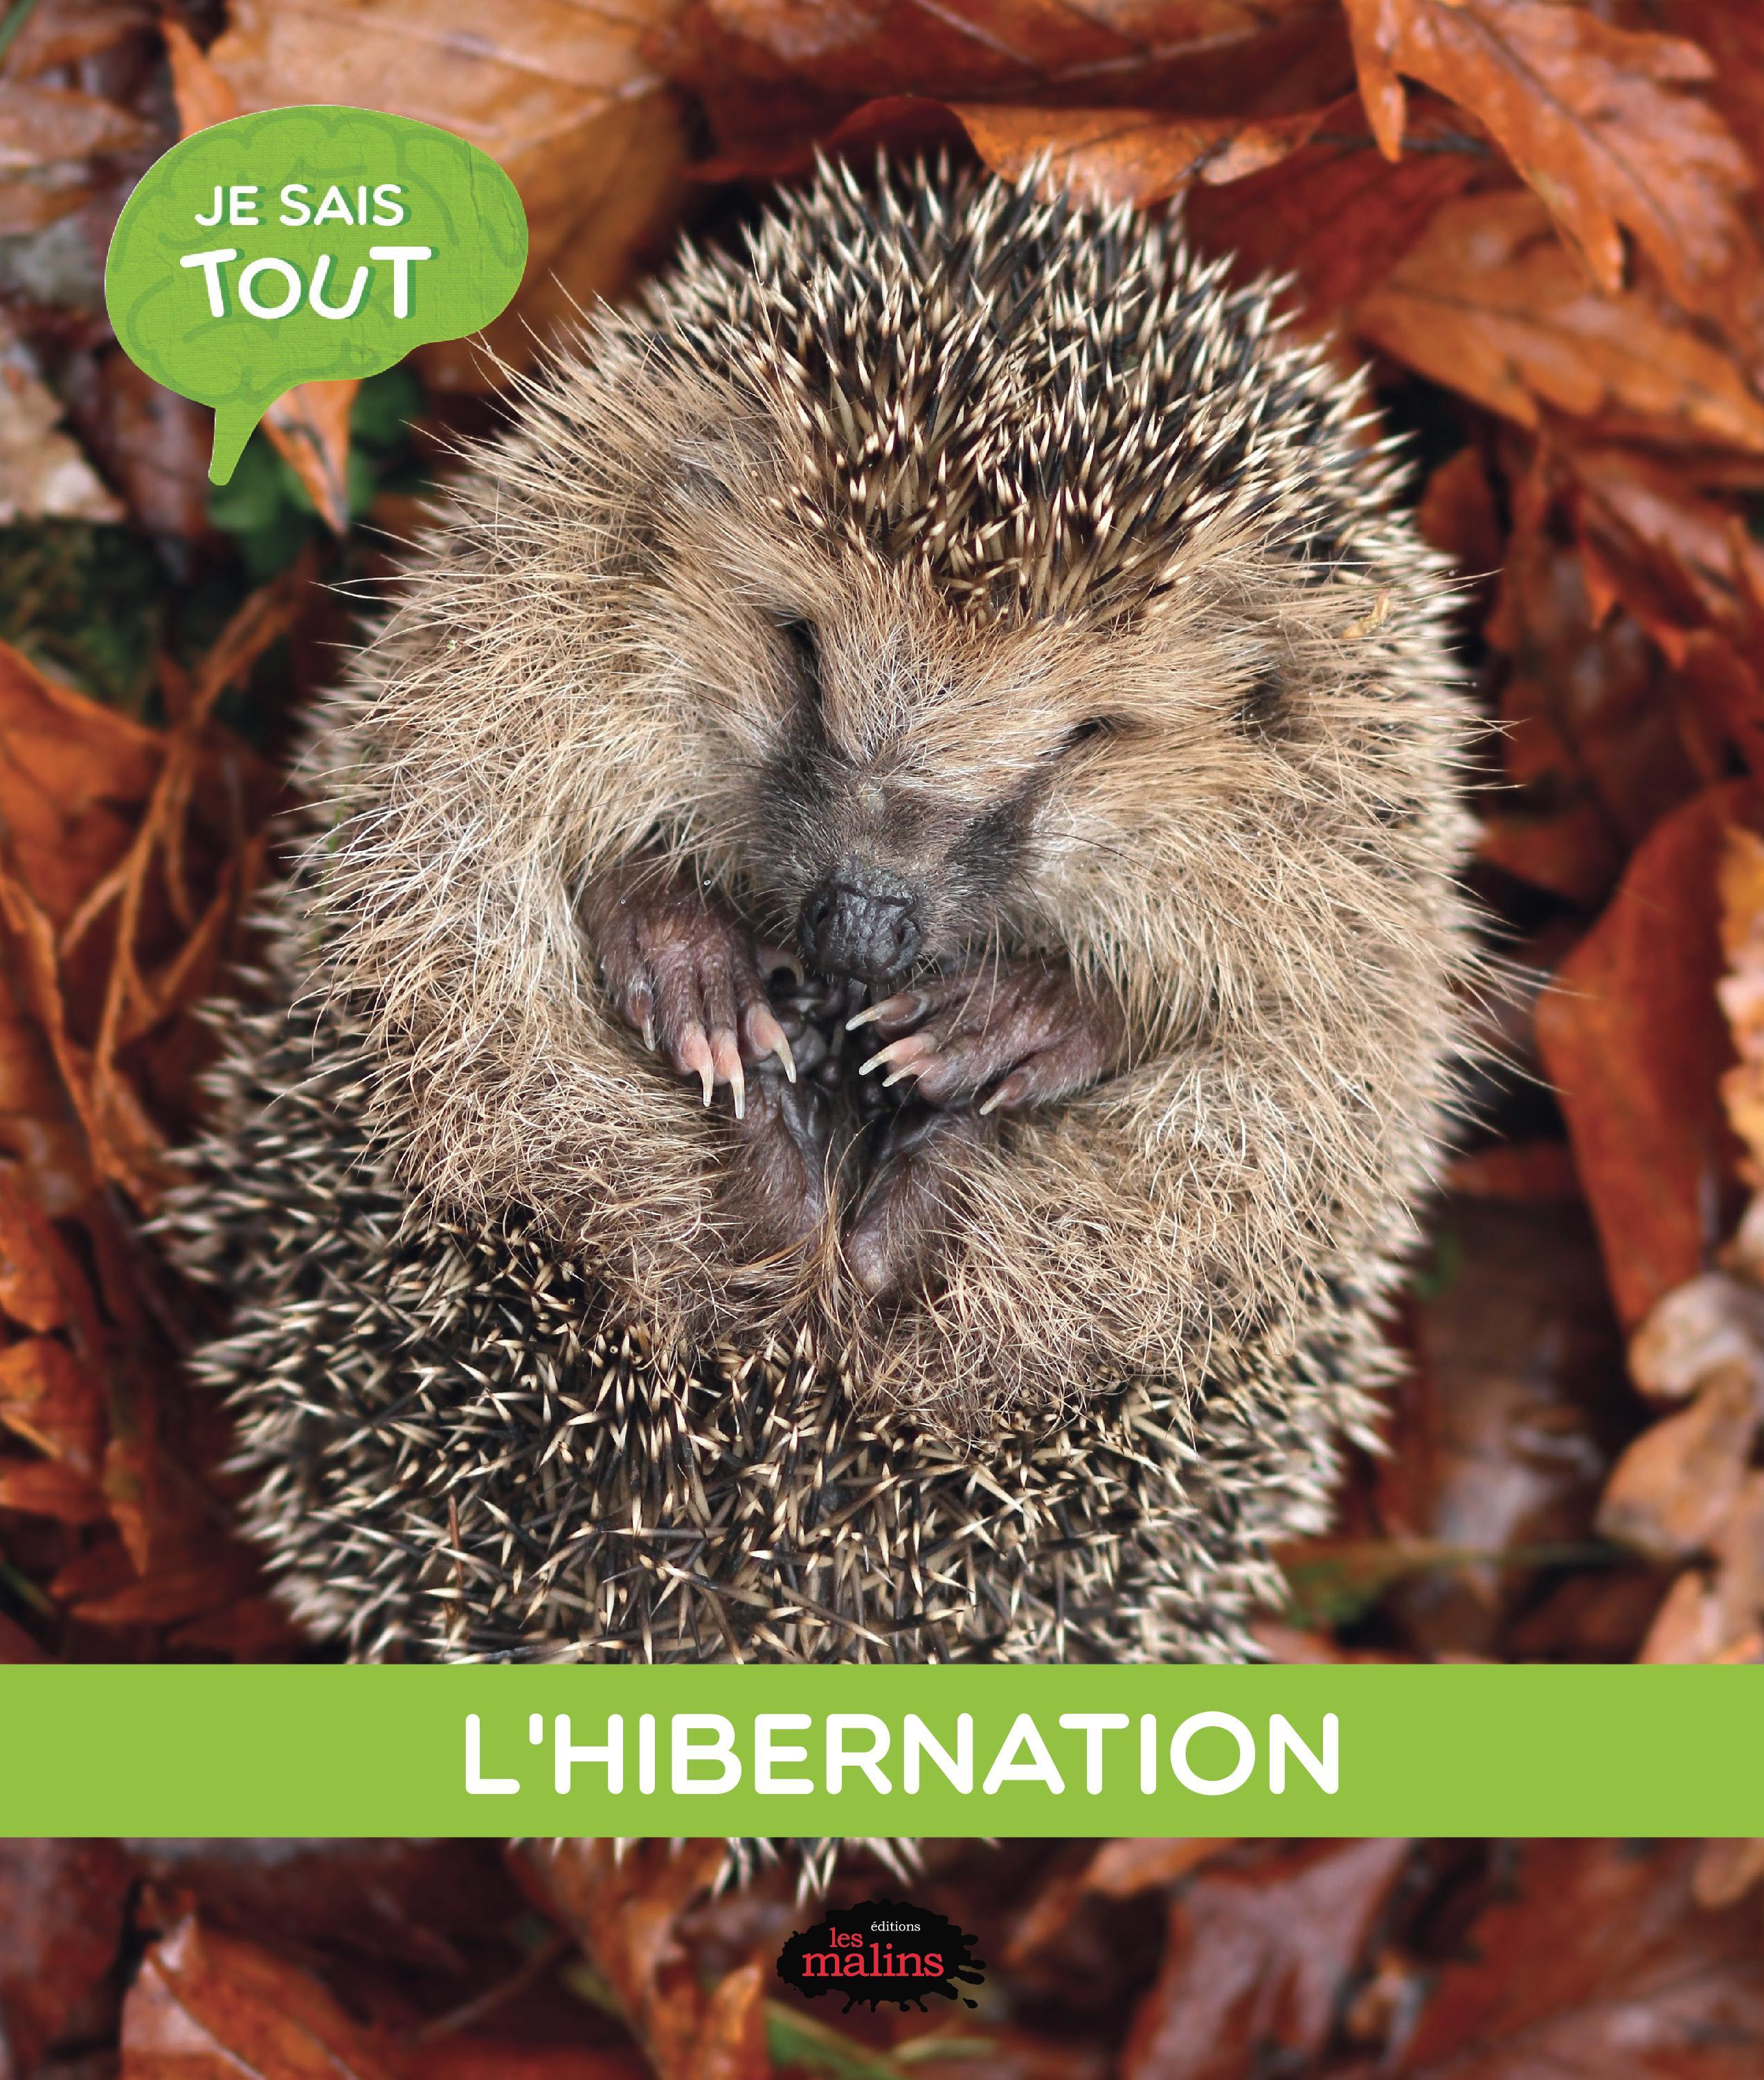 Je sais tout: L'hibernation